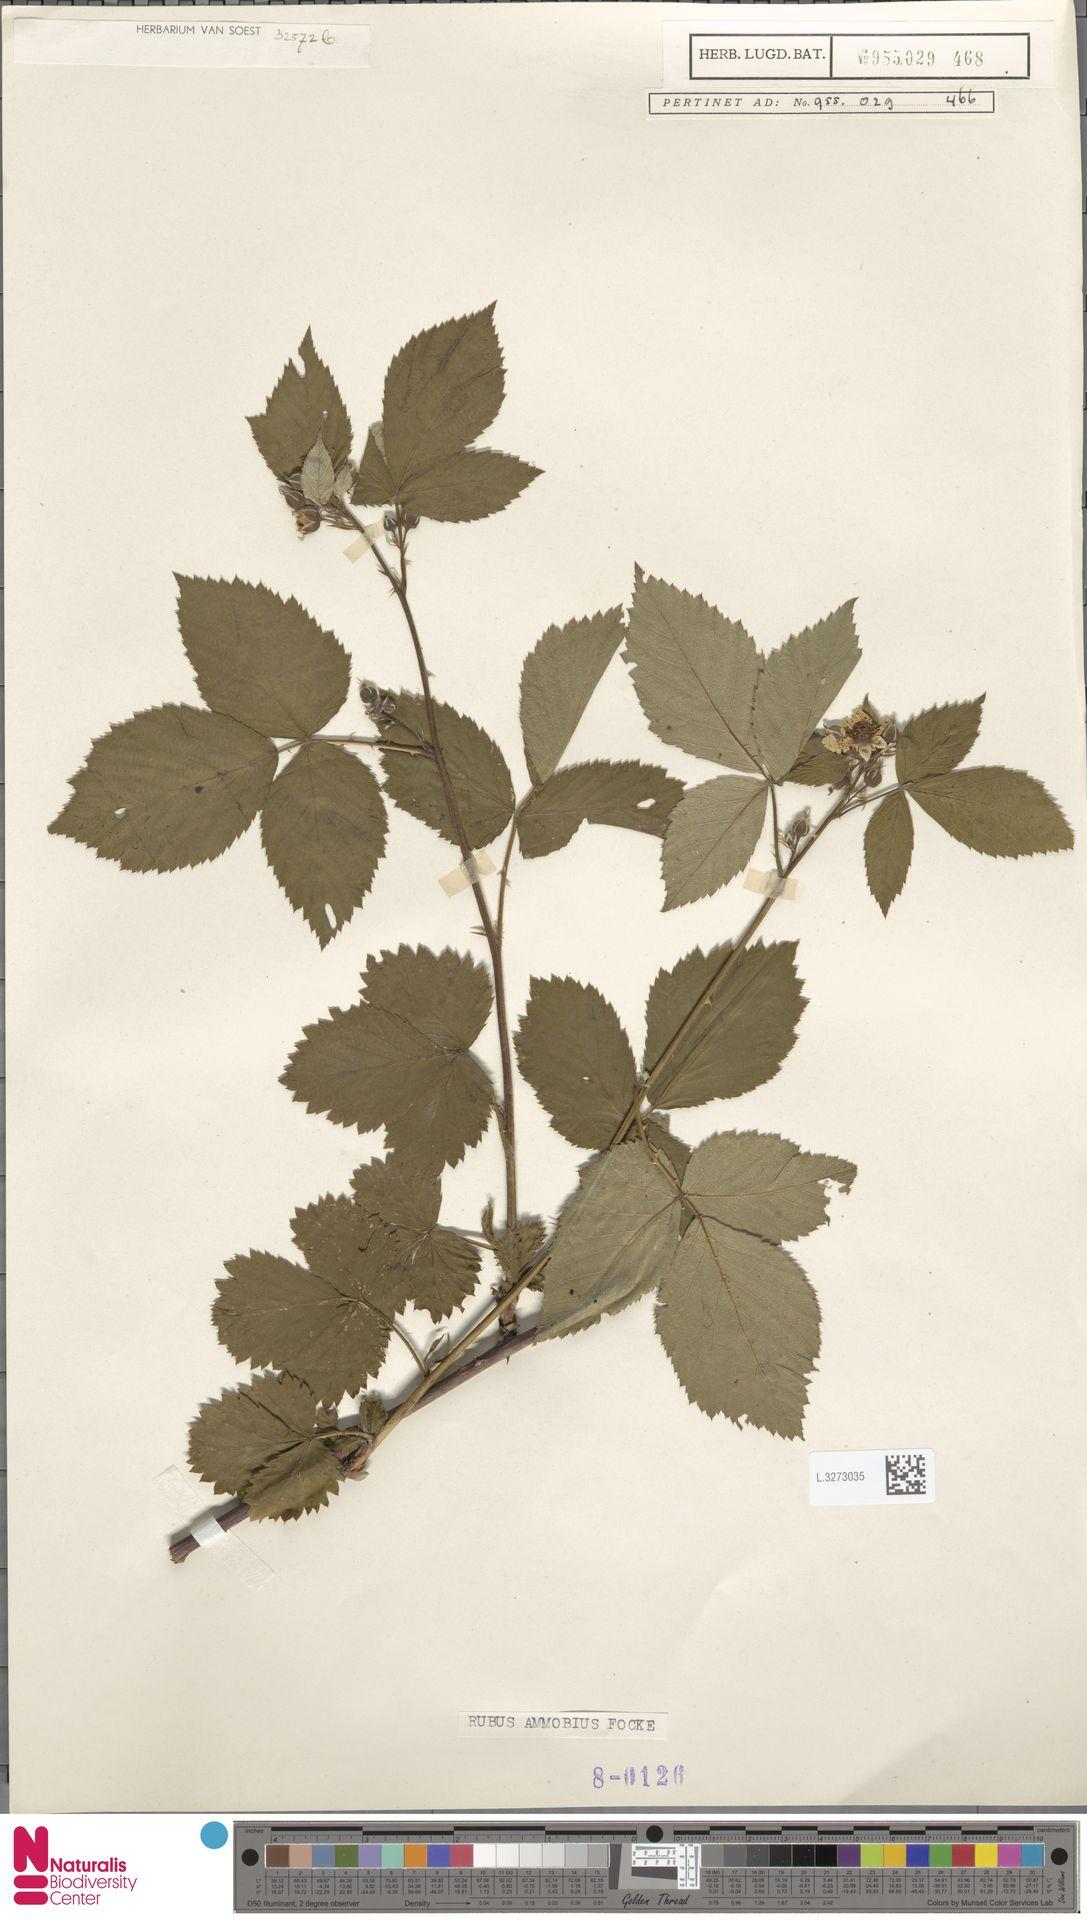 L.3273035 | Rubus ammobius Focke